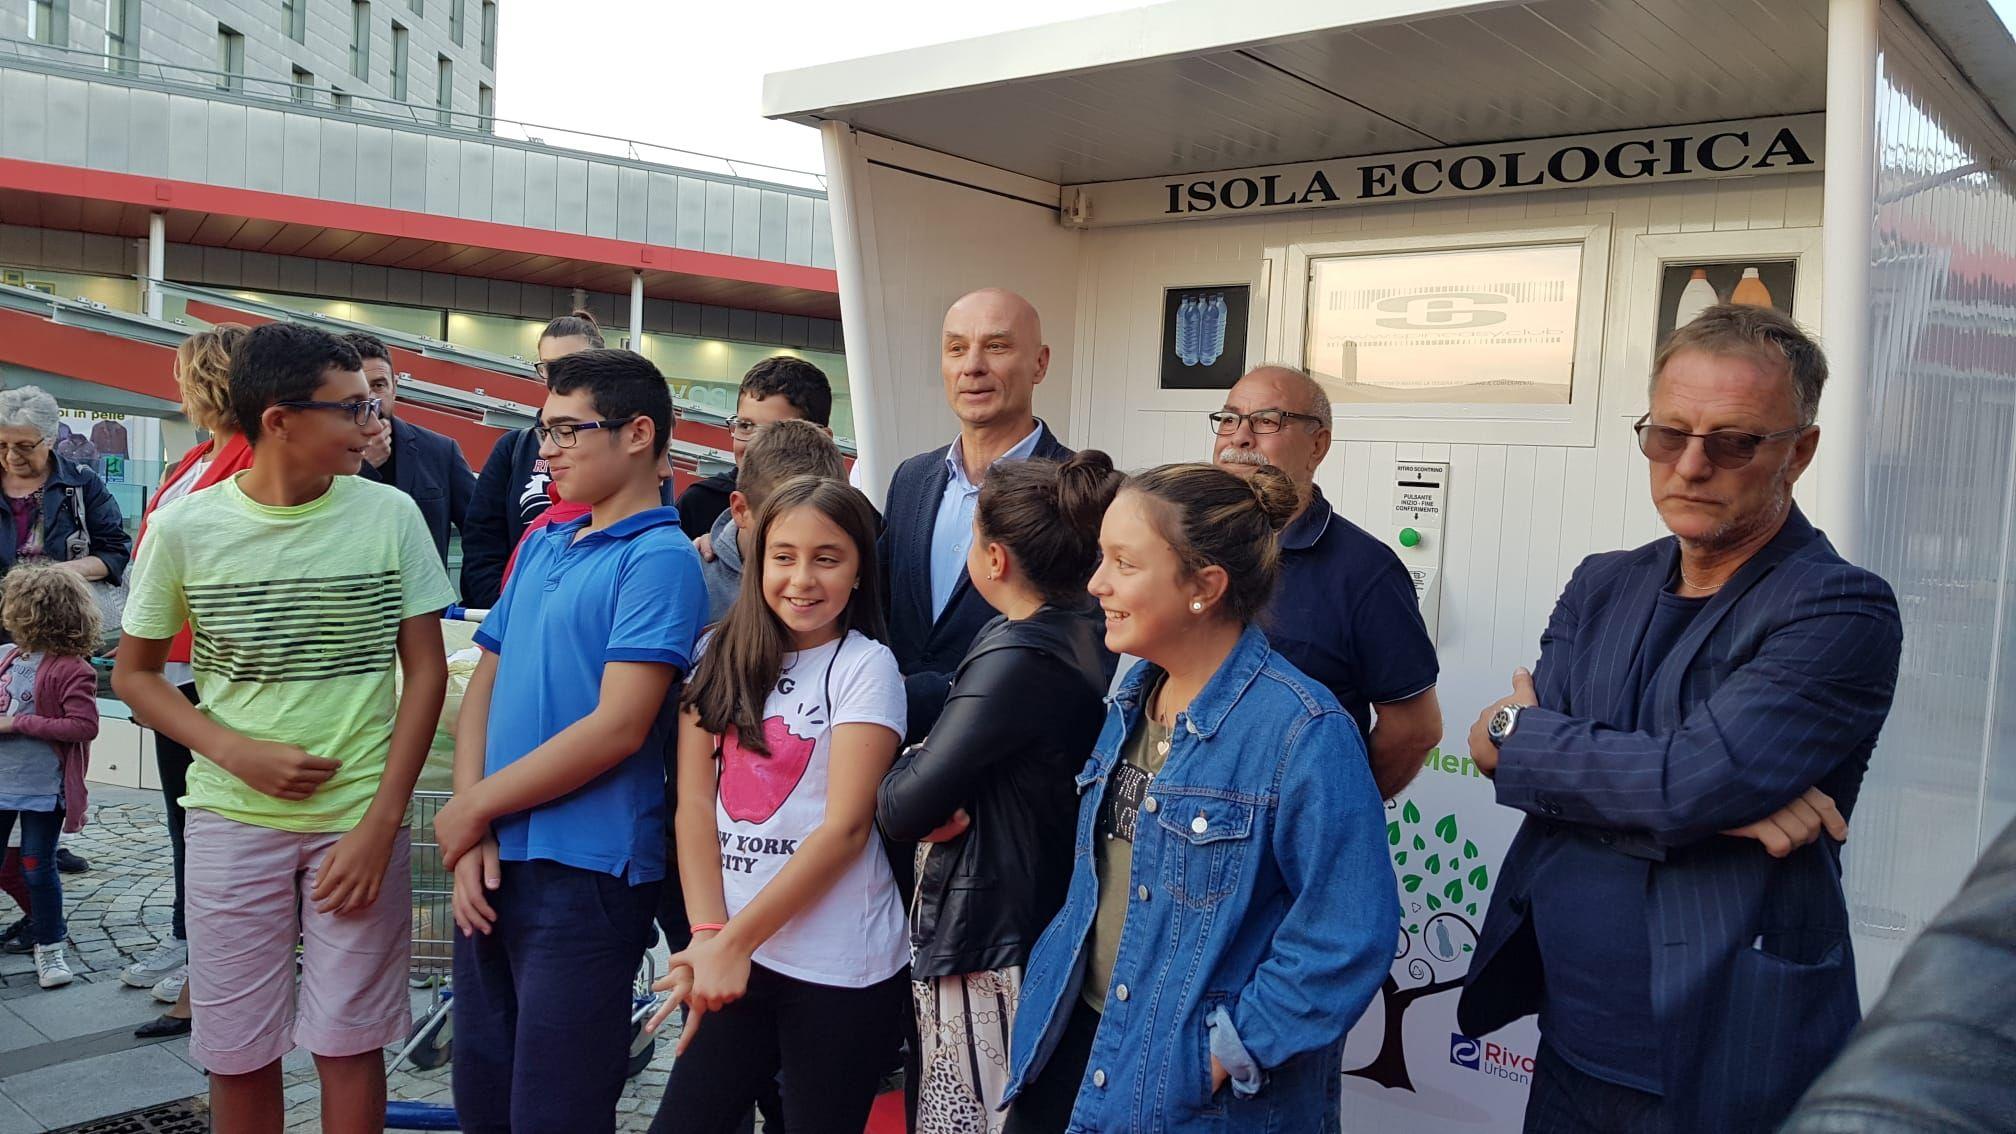 RIVAROLO CANAVESE - Inaugurato il primo eco-compattatore delle bottiglie di plastica all'Urban Center - FOTO e VIDEO